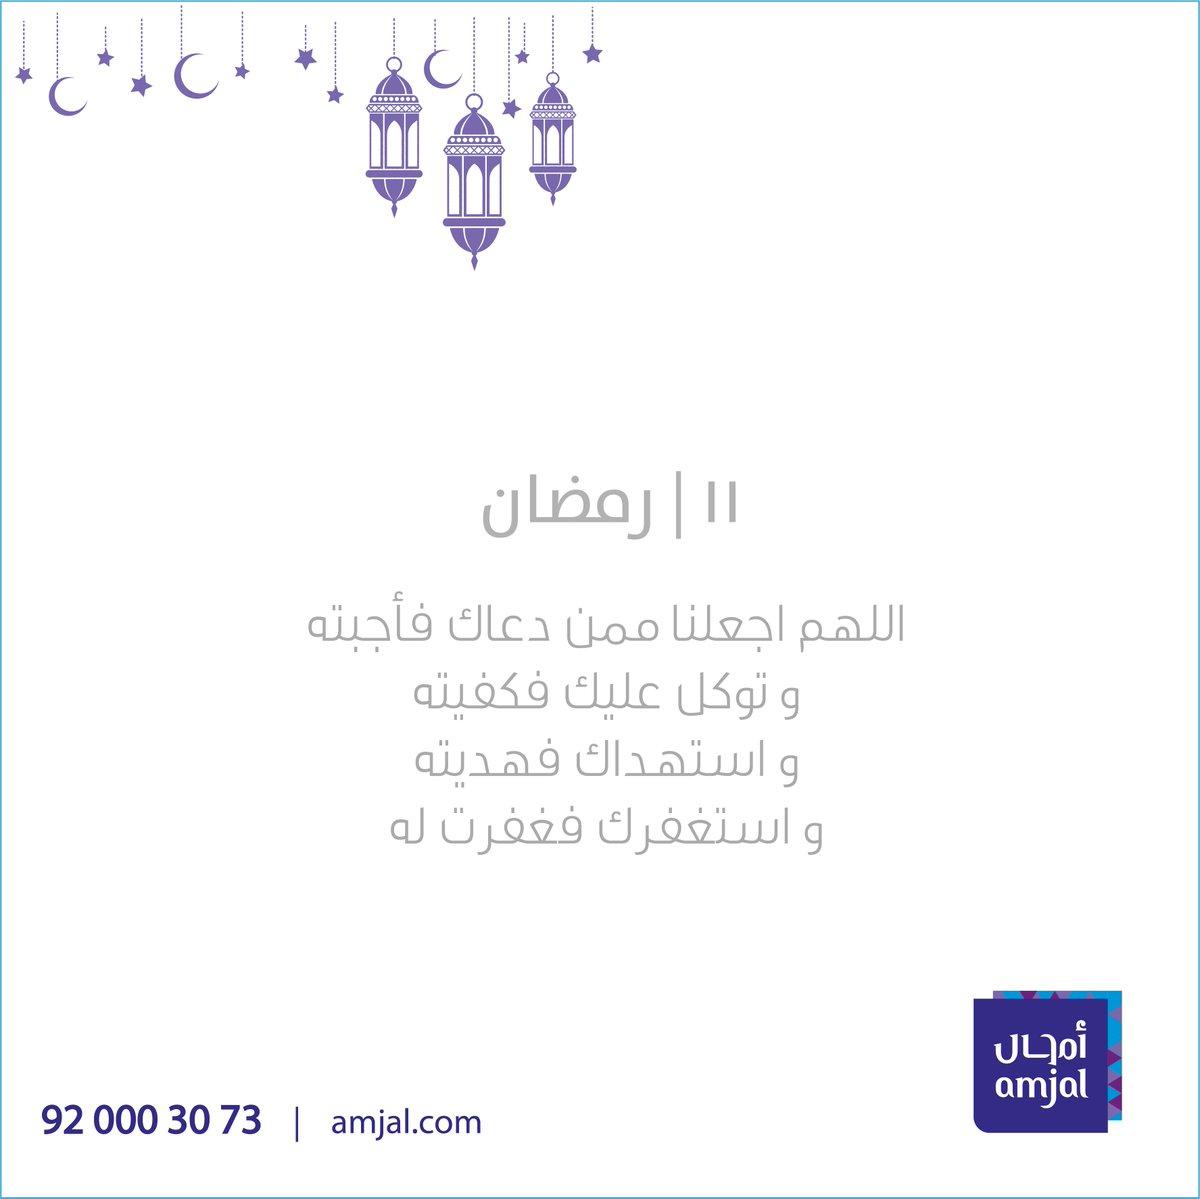 #دعاء_رمضان https://t.co/WupMf7n7dd